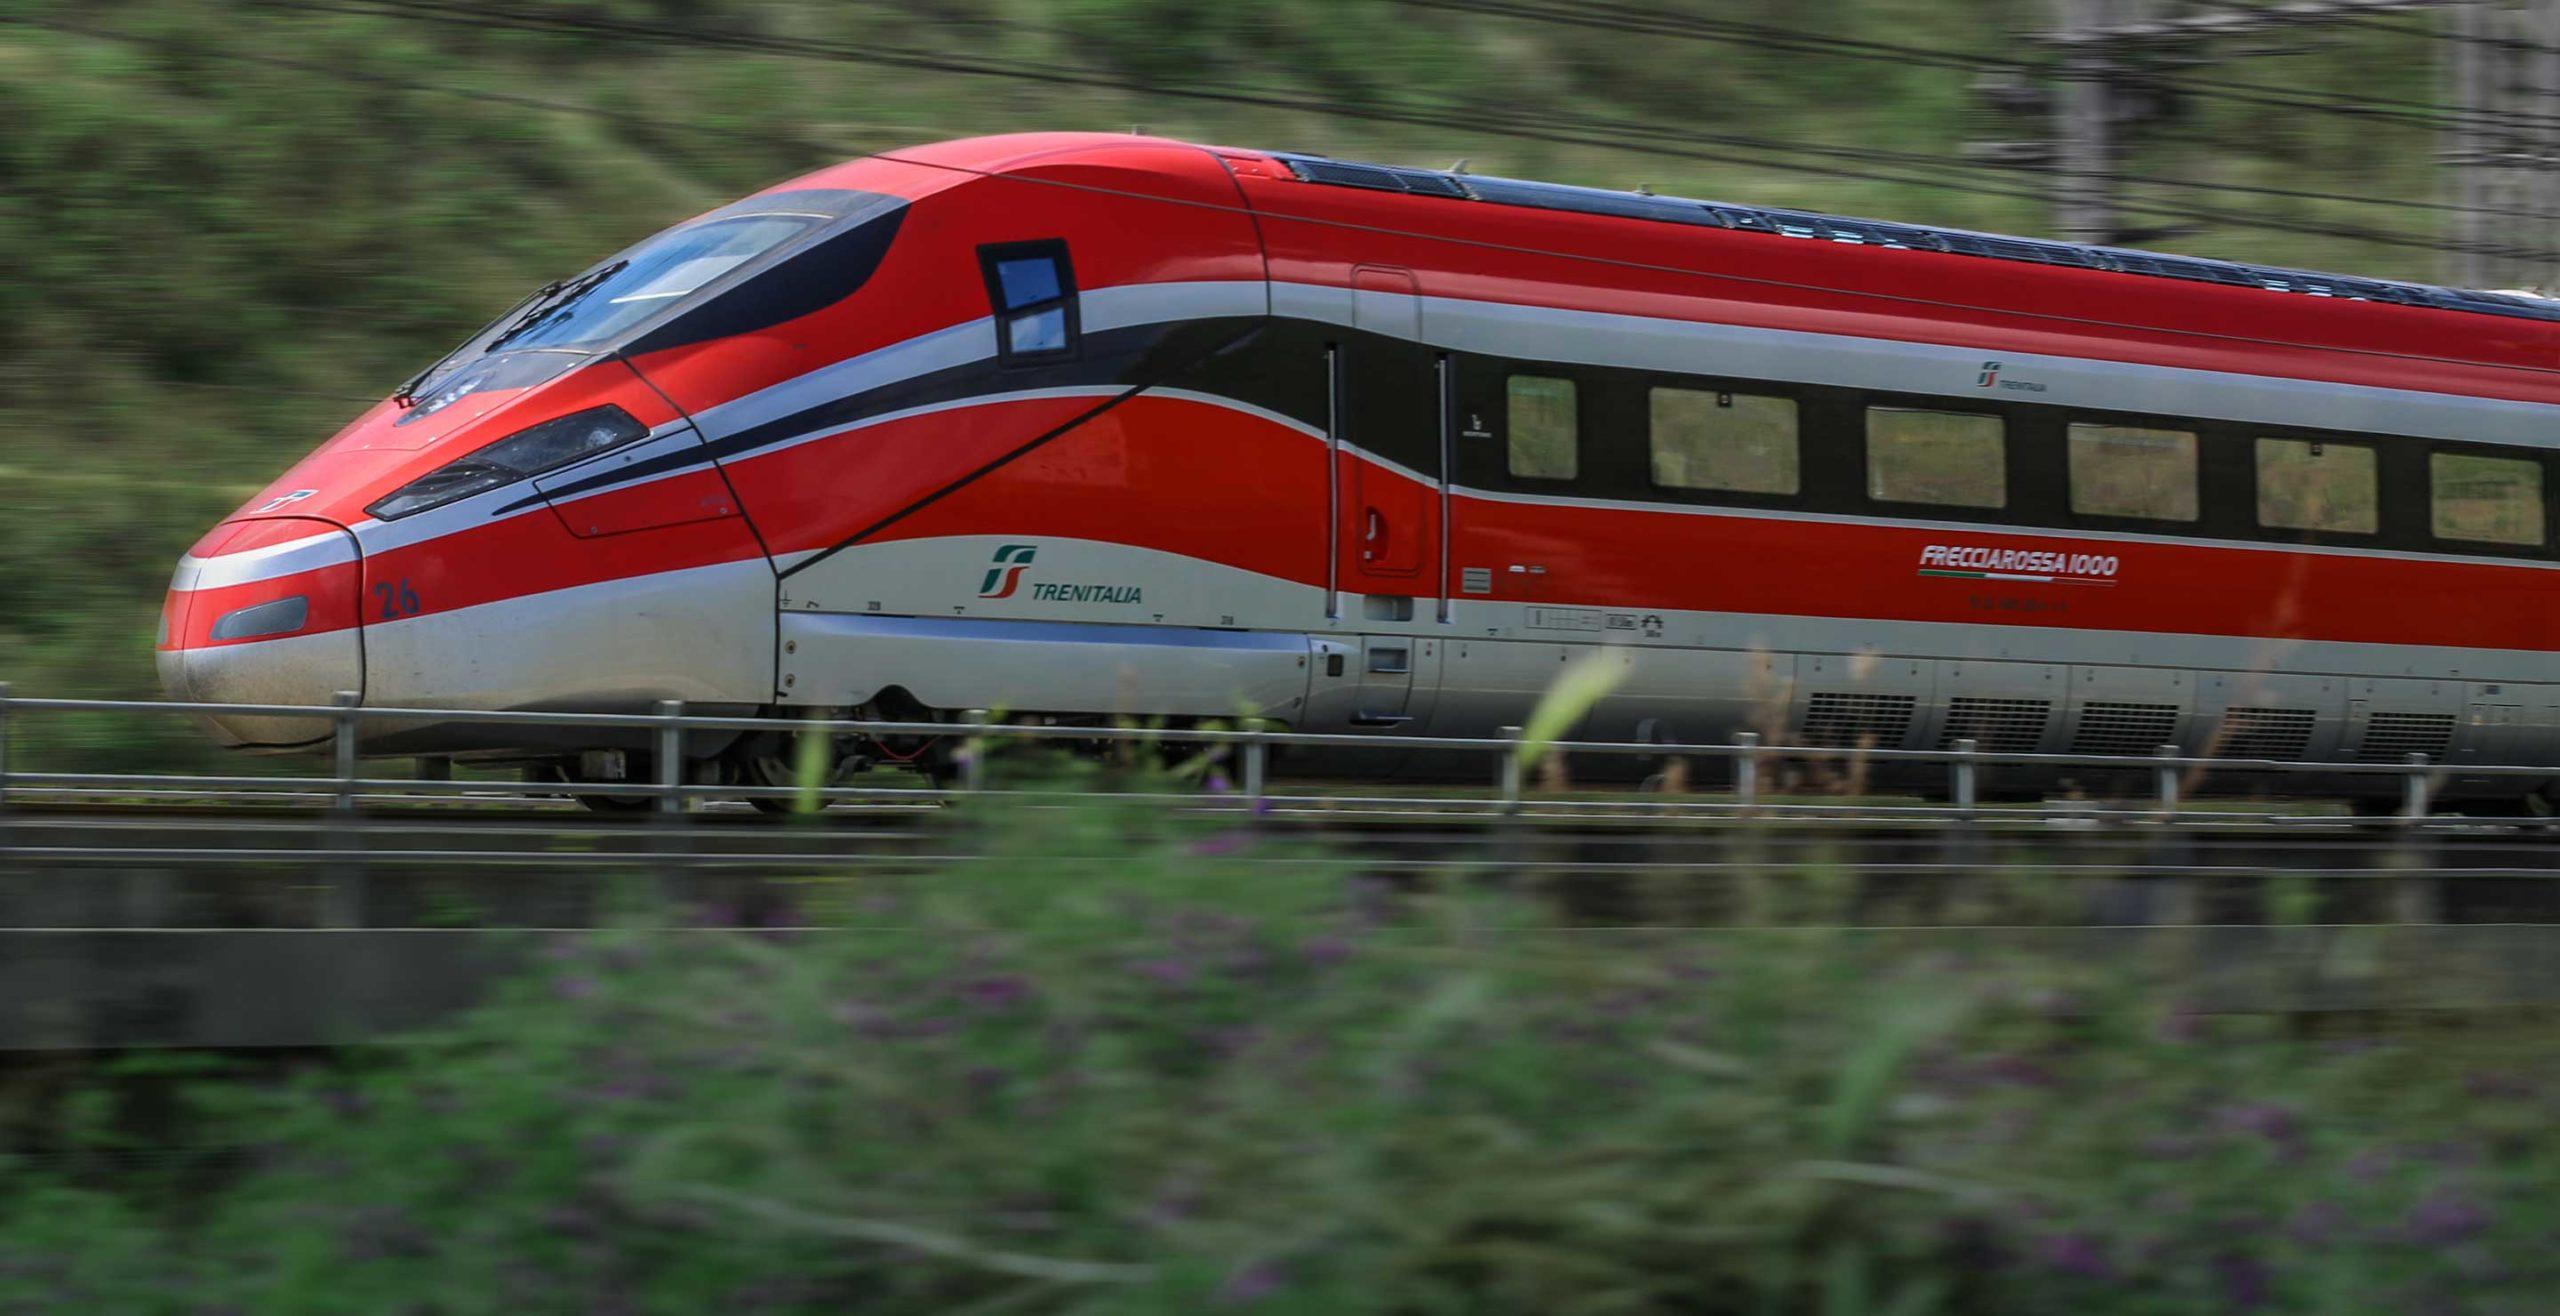 Treni: da oggi operativo il collegamento diretto Trento-Milano